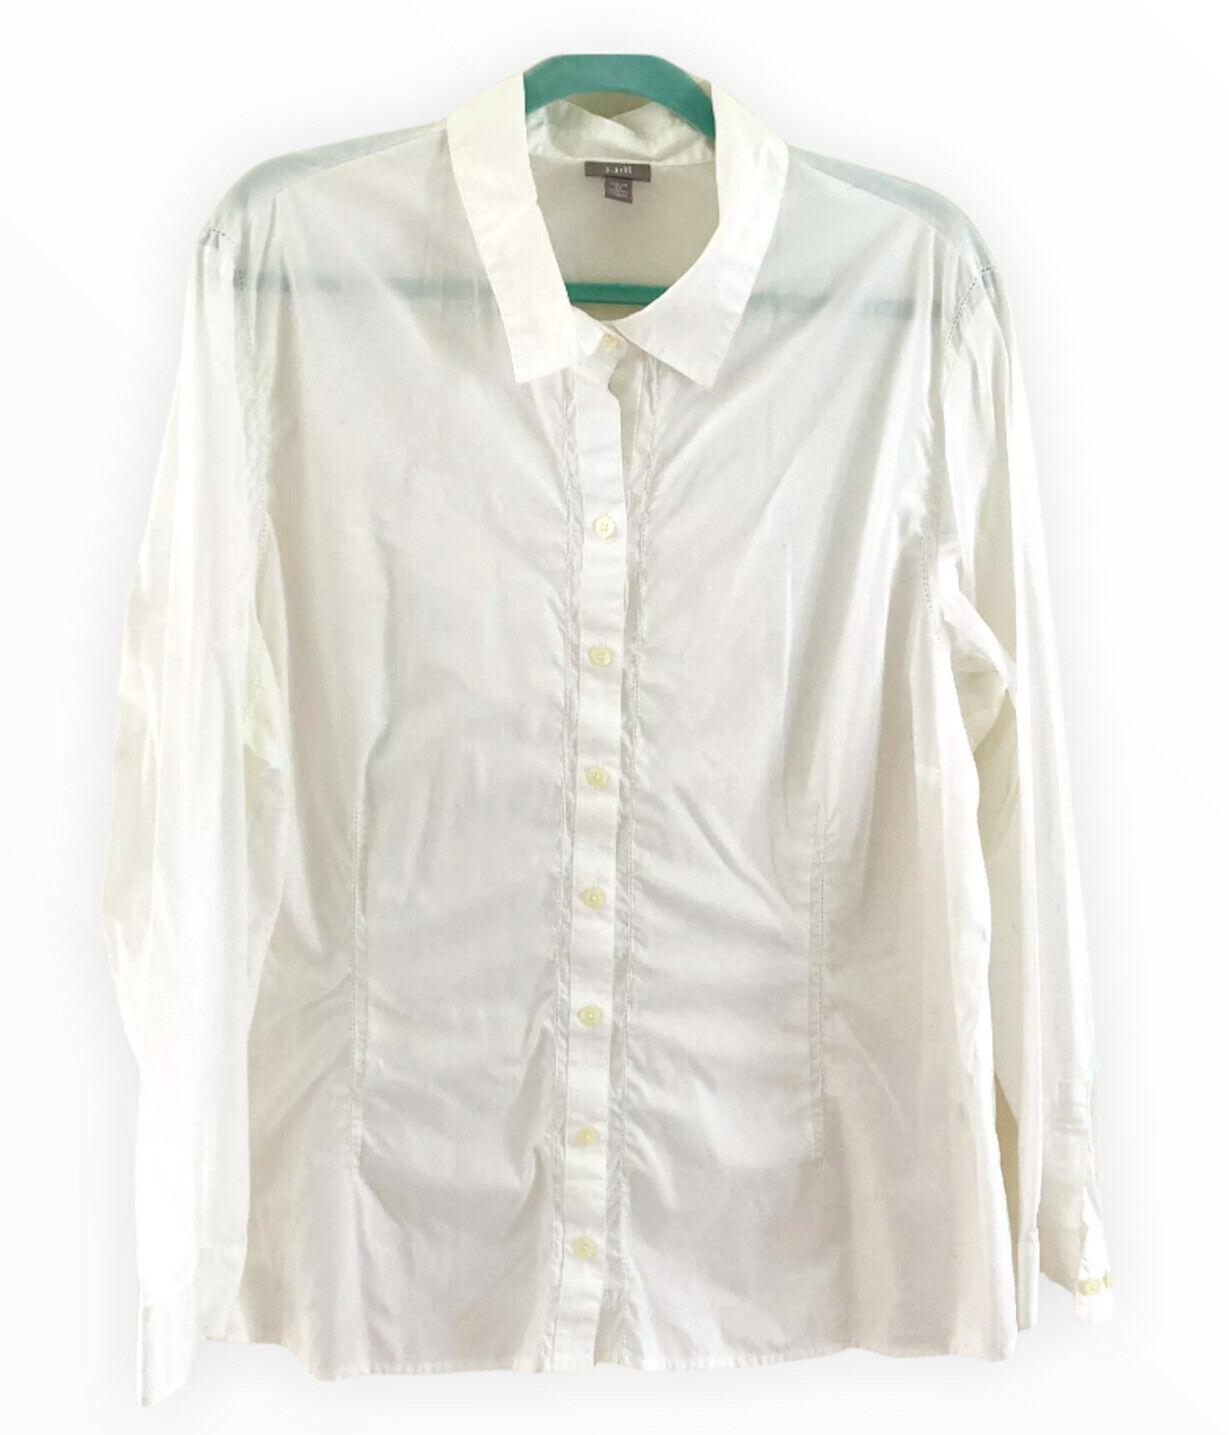 J.JILL Women's Blouse Top Eyelet Trim Cotton Blen… - image 1